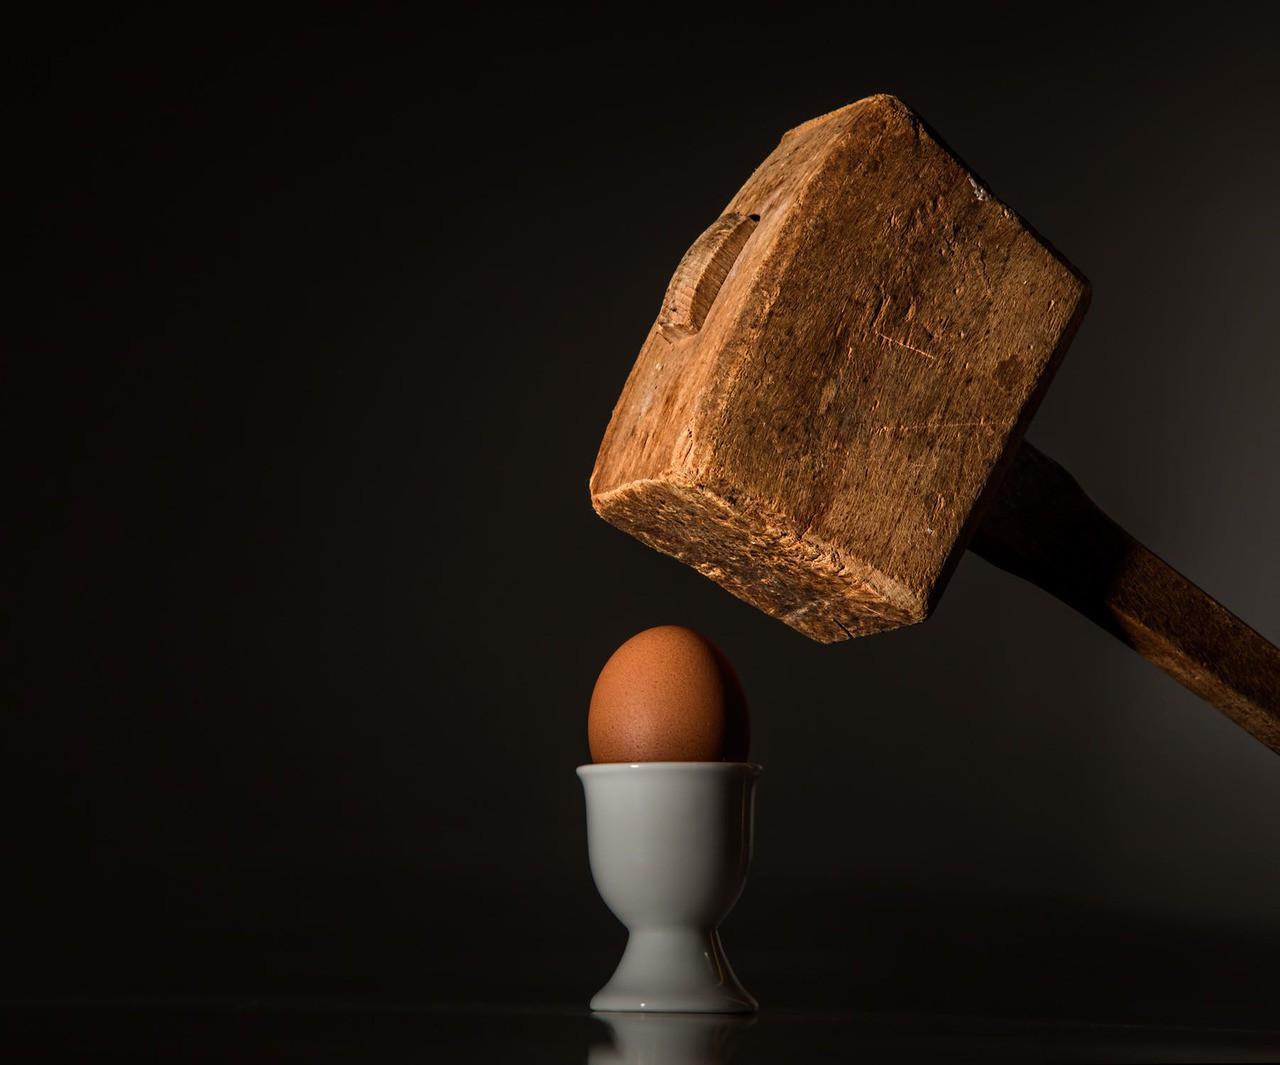 Egg hammer threaten violence 40721